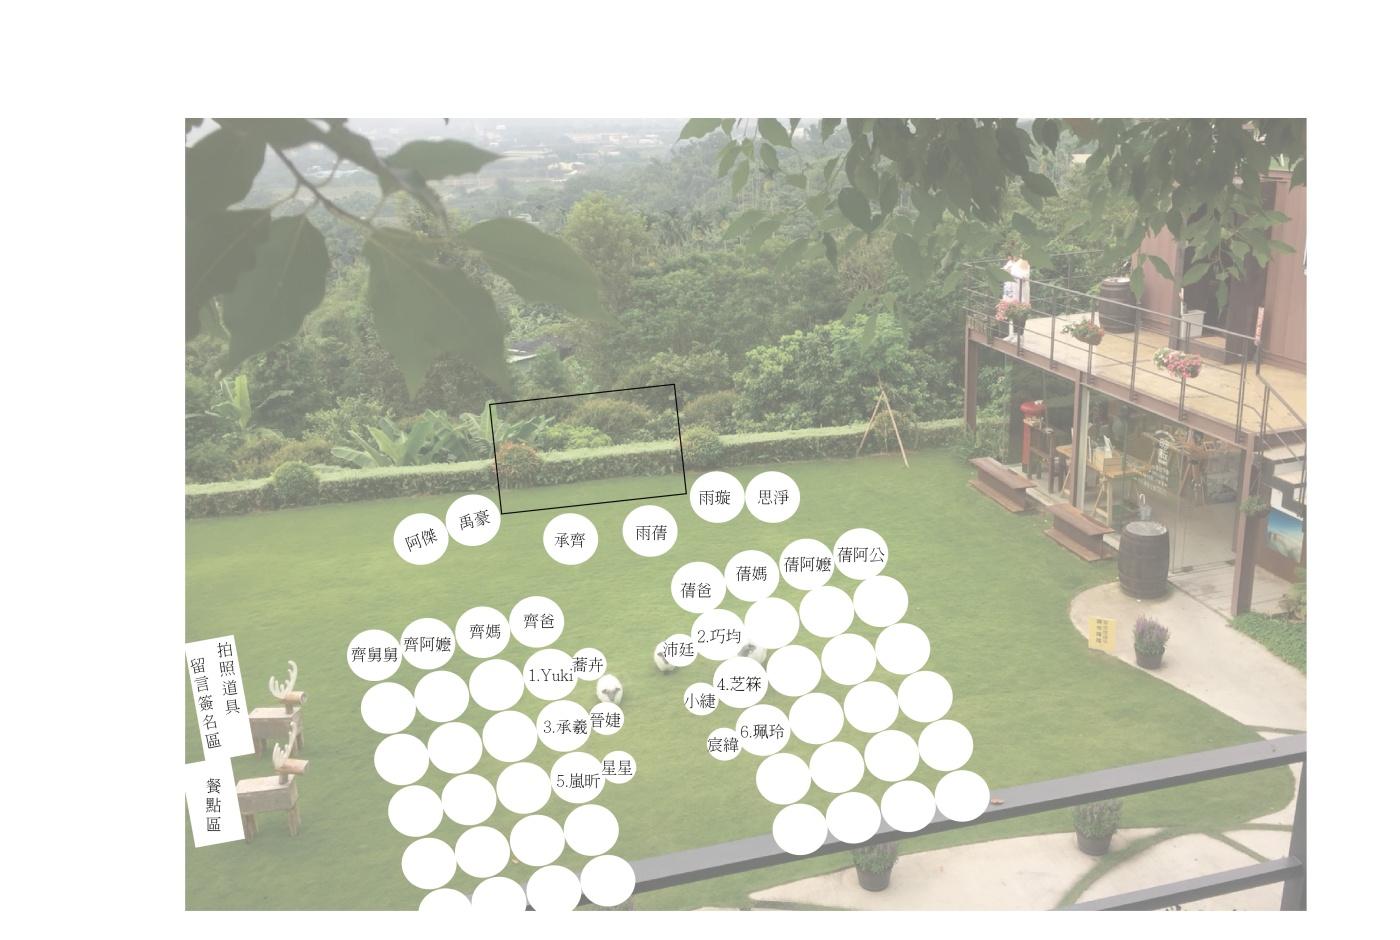 西式證婚流程|戶外證婚流程|婚禮流程|婚禮流程表|西式草坪婚禮|戶外證婚時間|嘉義戶外證婚|嘉義婚佈推薦|憶起幸福|幸福山丘|證婚座位安排